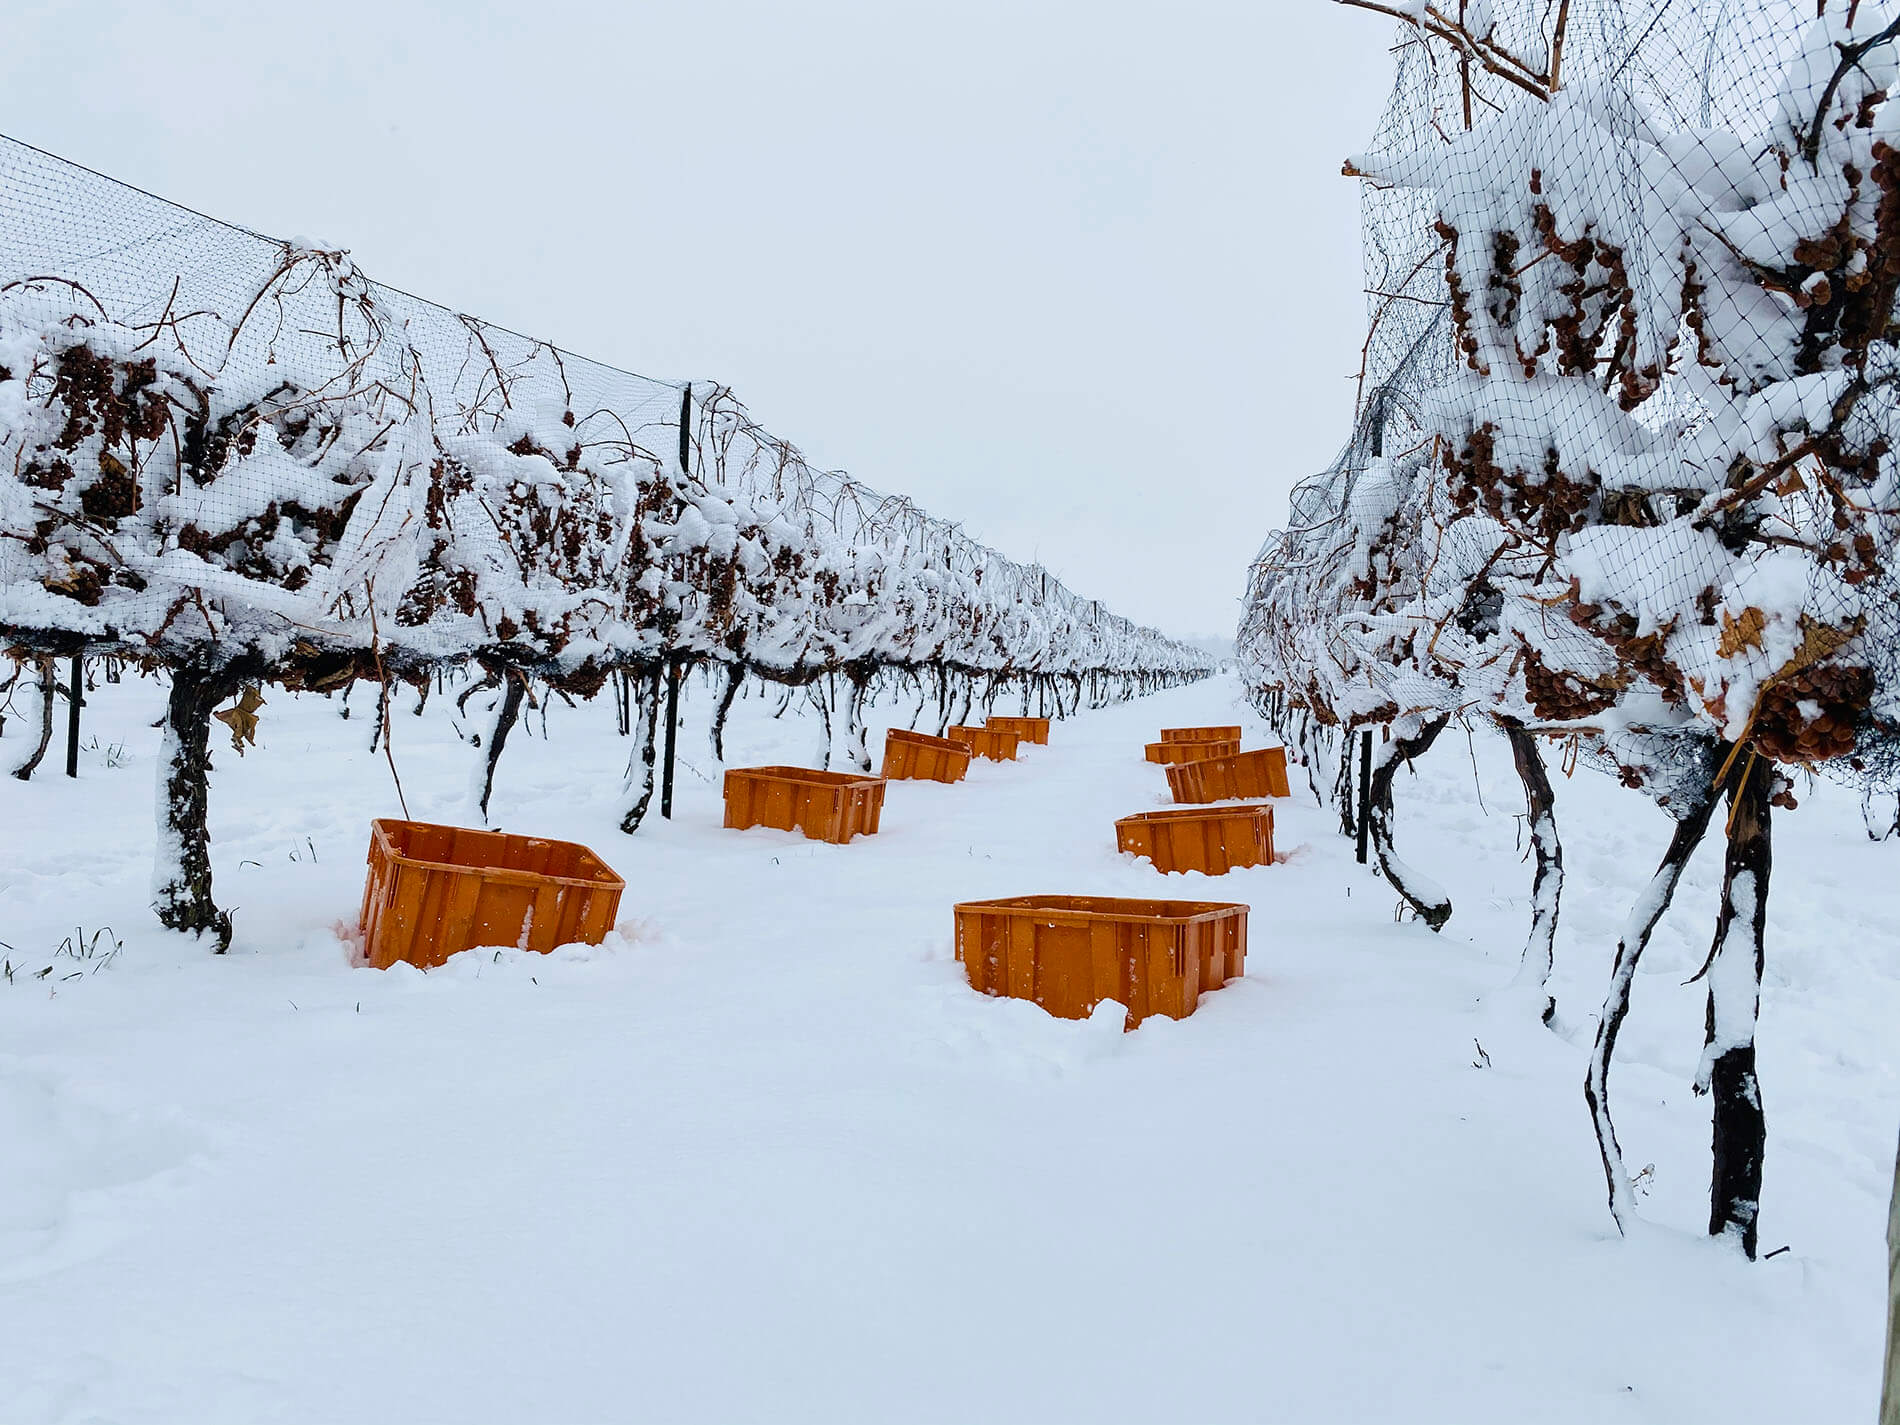 Icewine - harvest